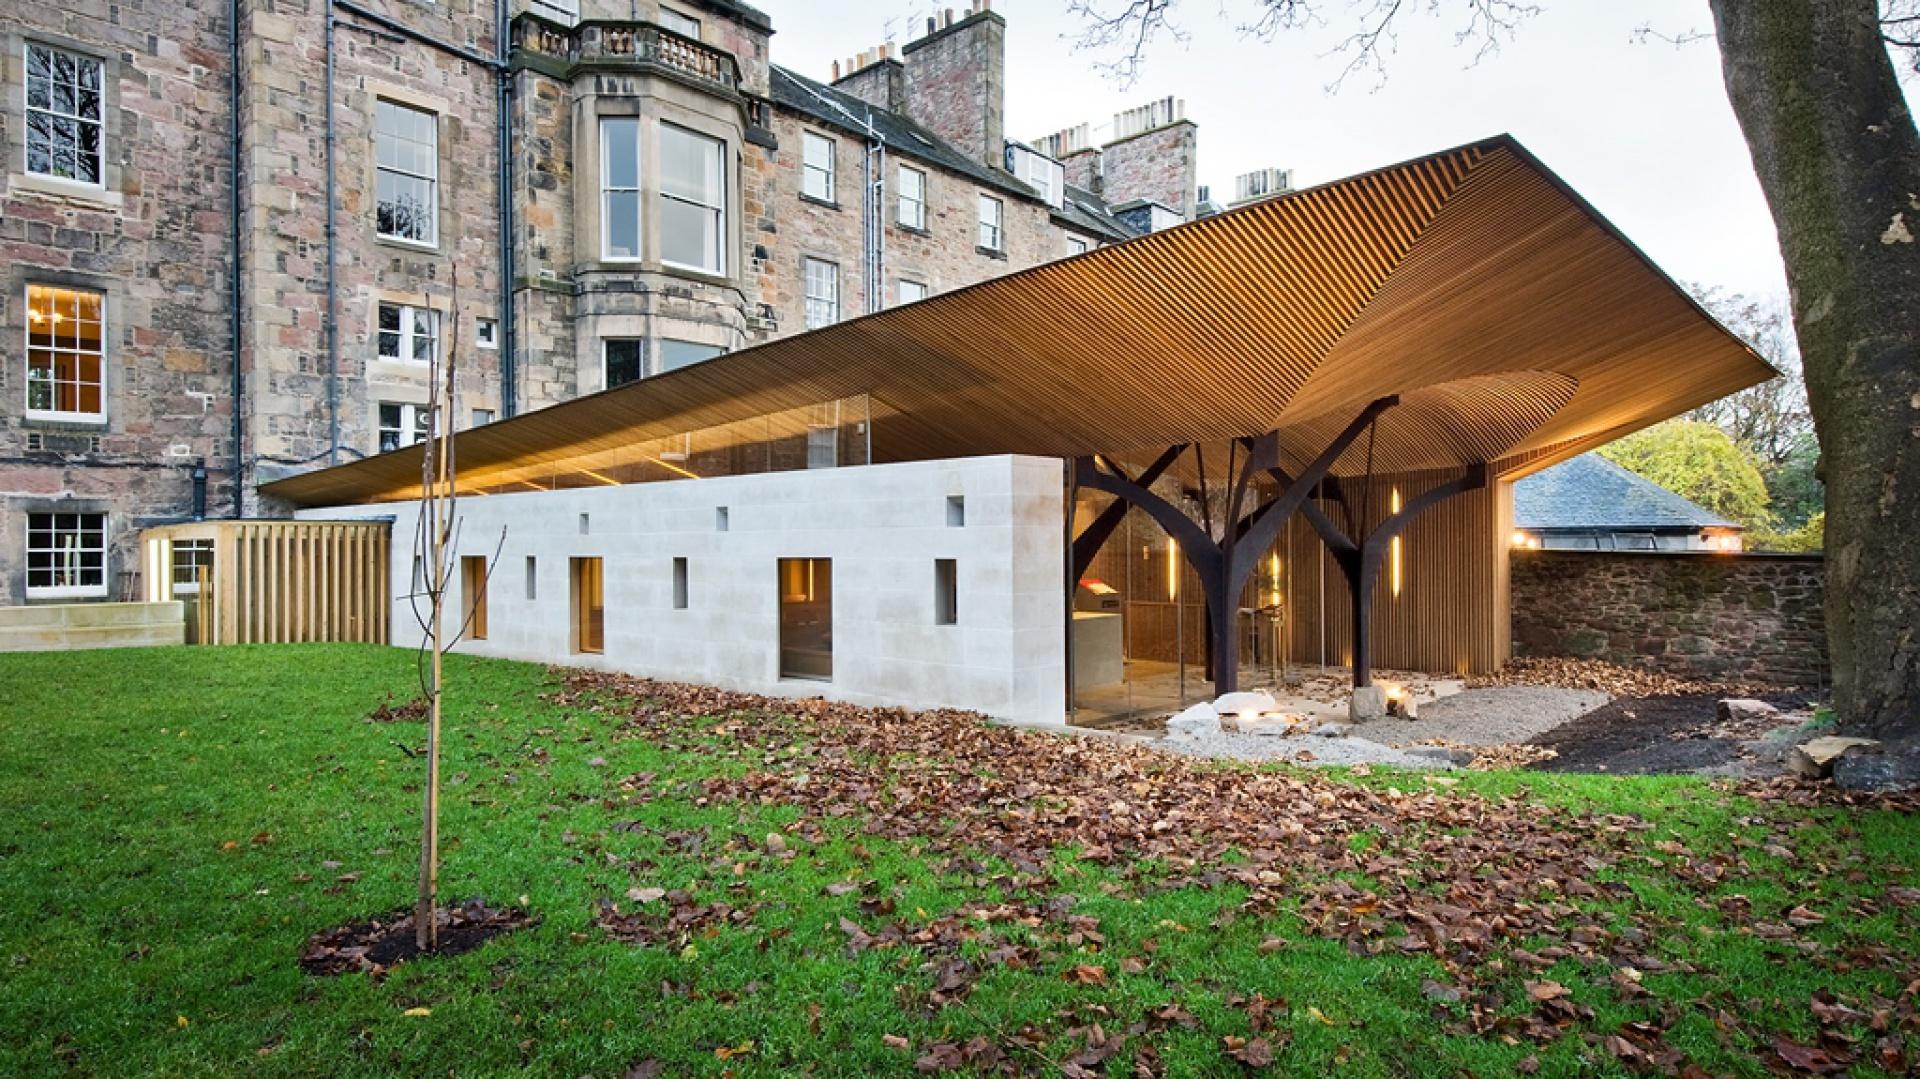 Kaplica Alberta Wielkiego przy Uniwersytecie Edynburskim. Fot. Simpson & Brown Architects